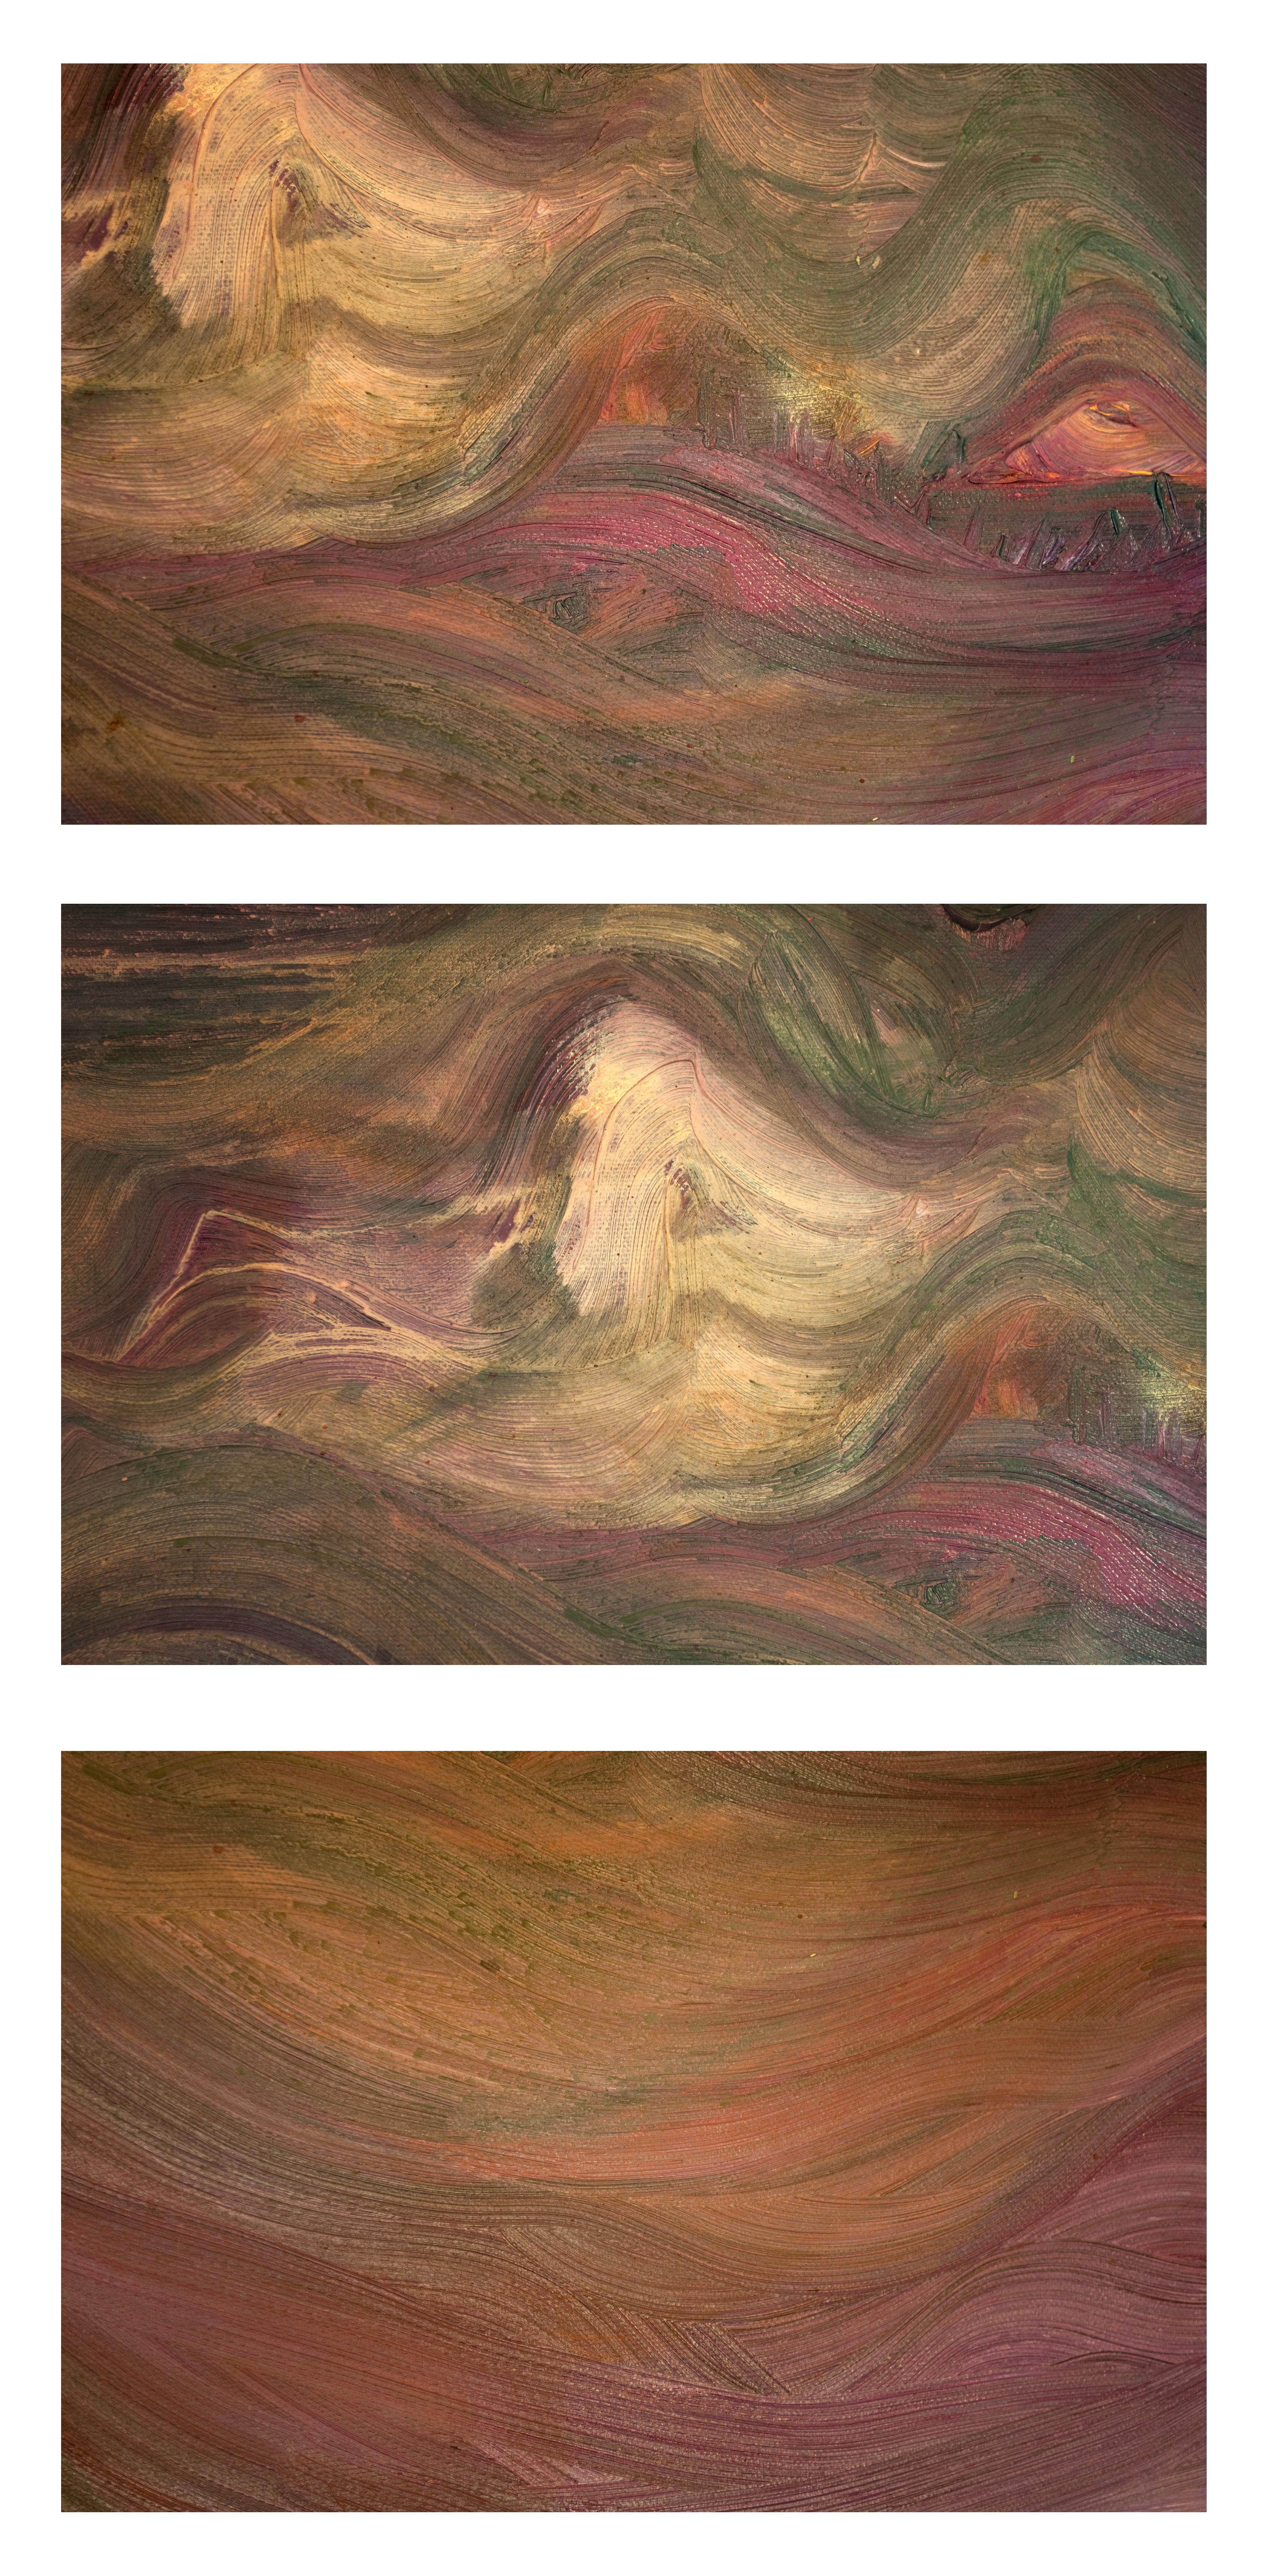 Paint Textures, Backgrounds, Canvas, Oil, Orange, HQ Photo